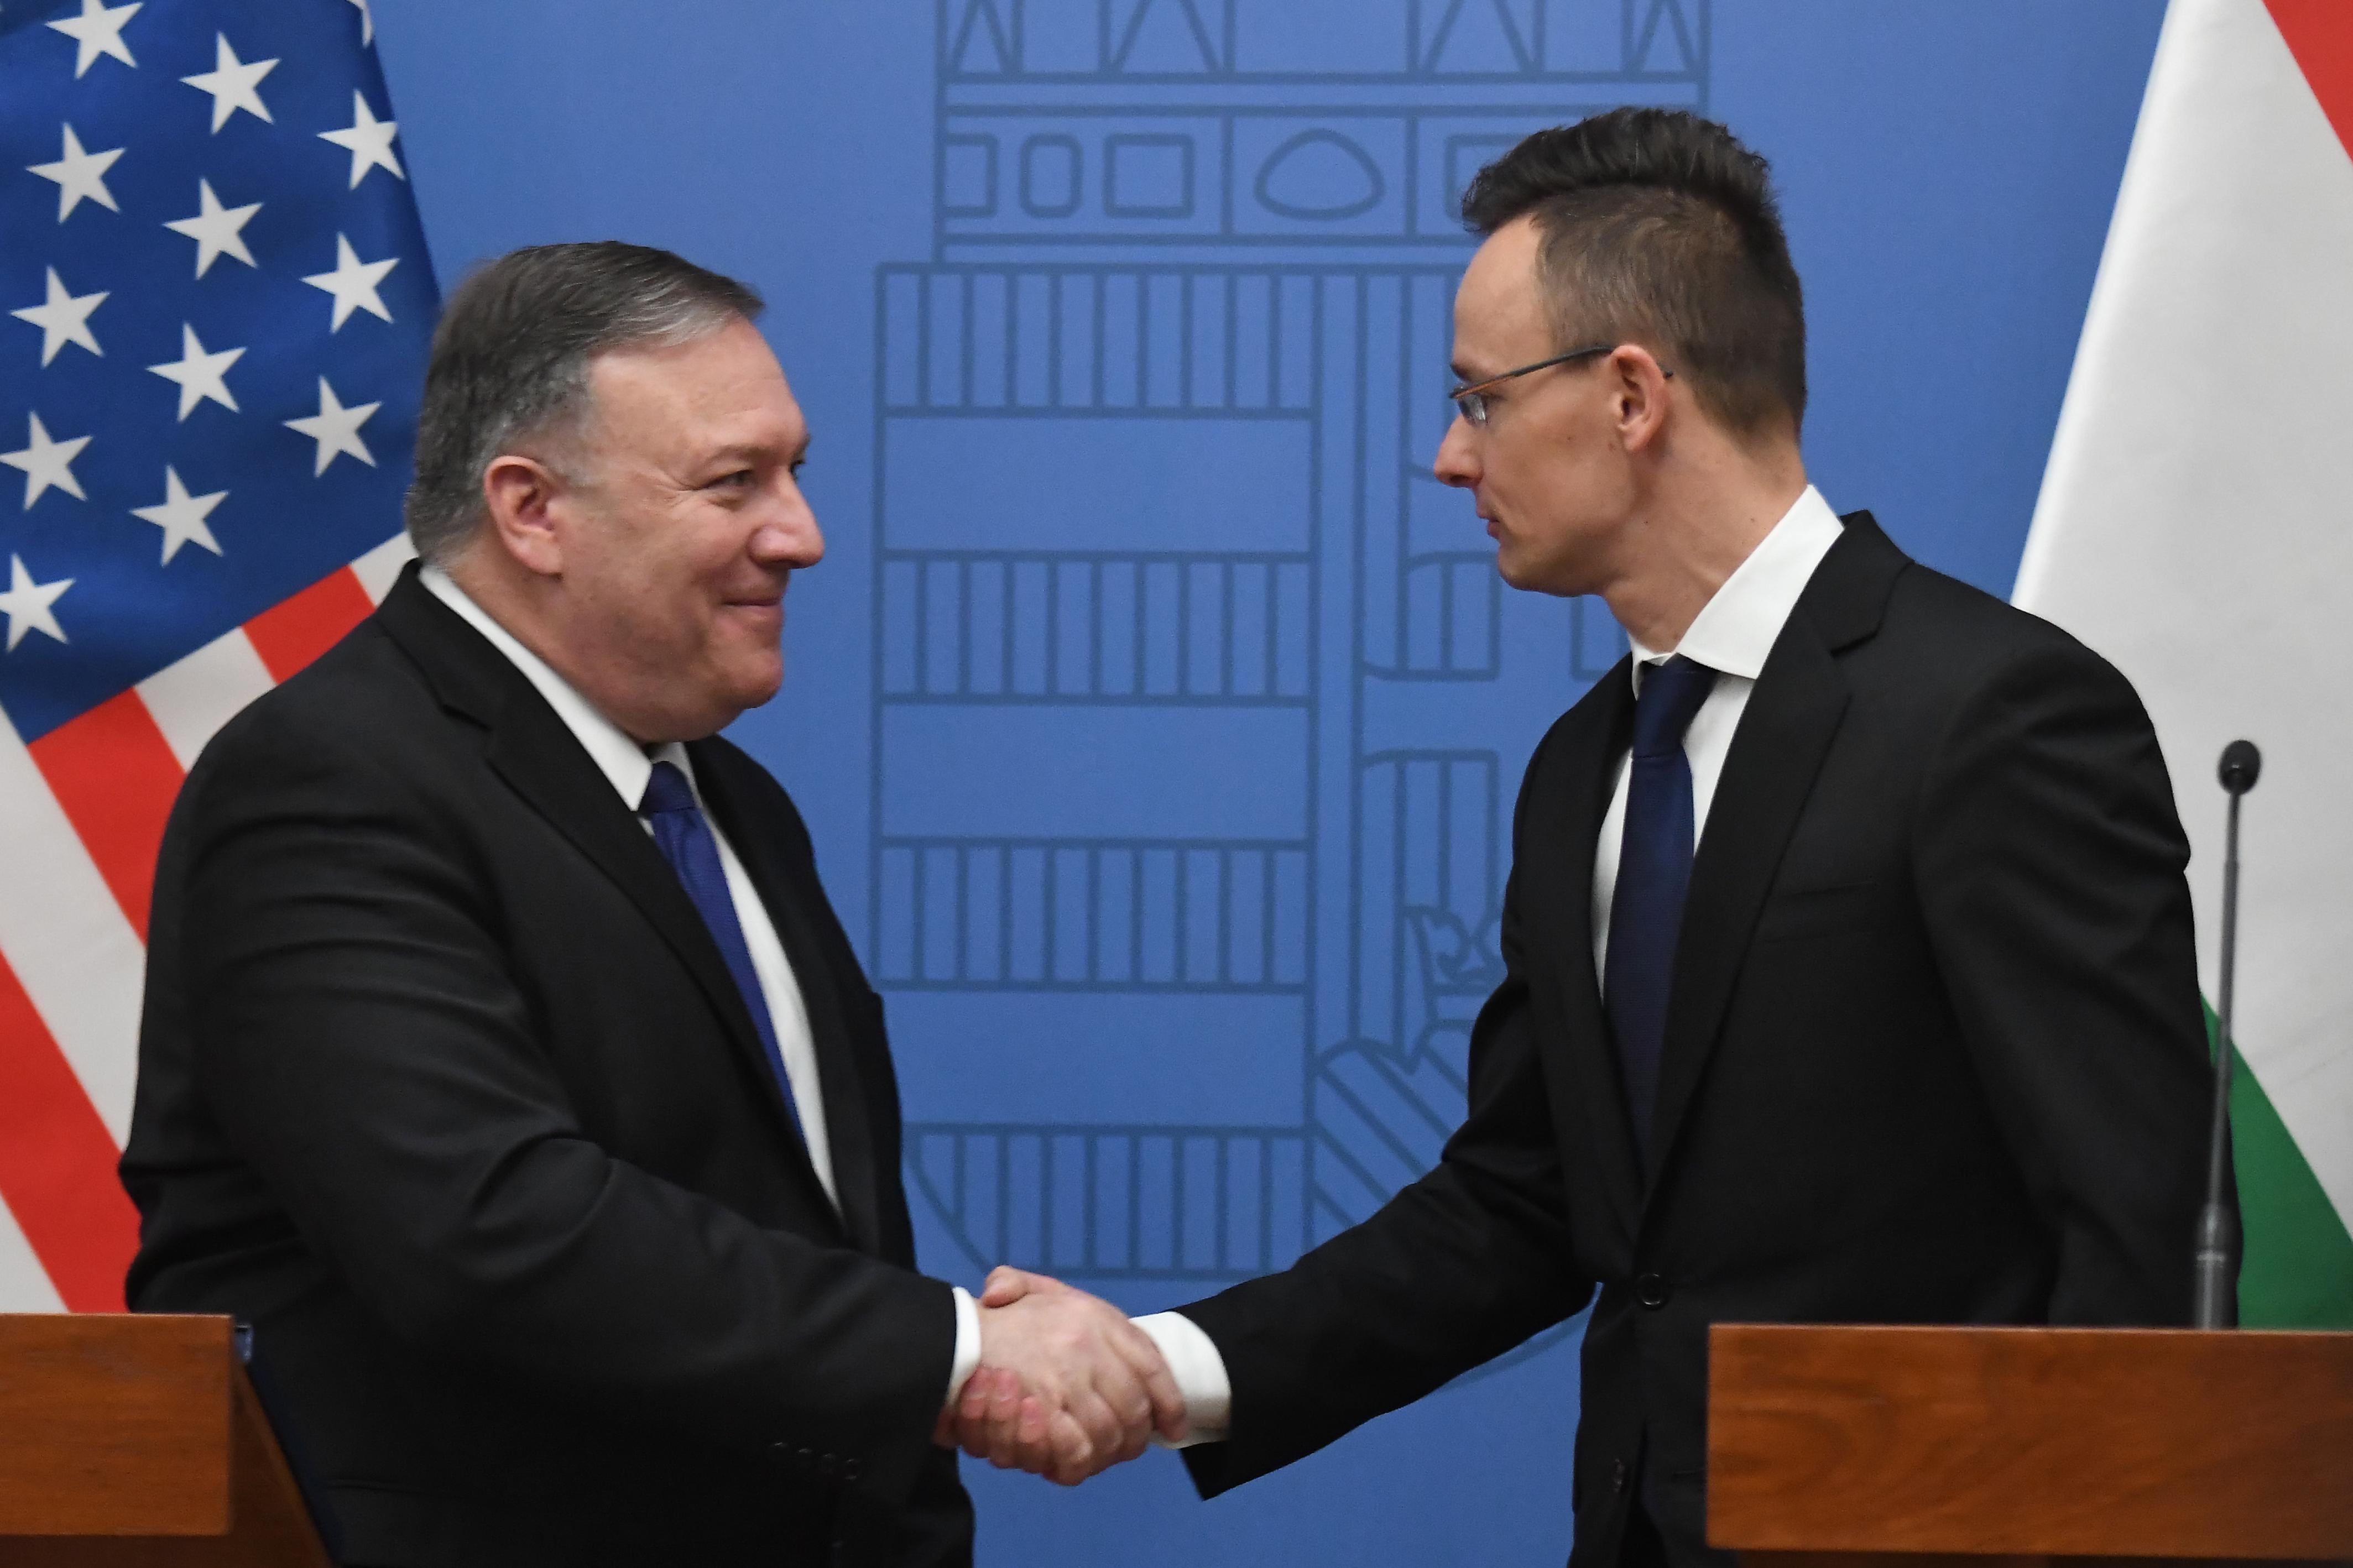 Orbán enged az USA-nak, de ő is kiharcolt valamit a katonai megállapodás tervezete szerint